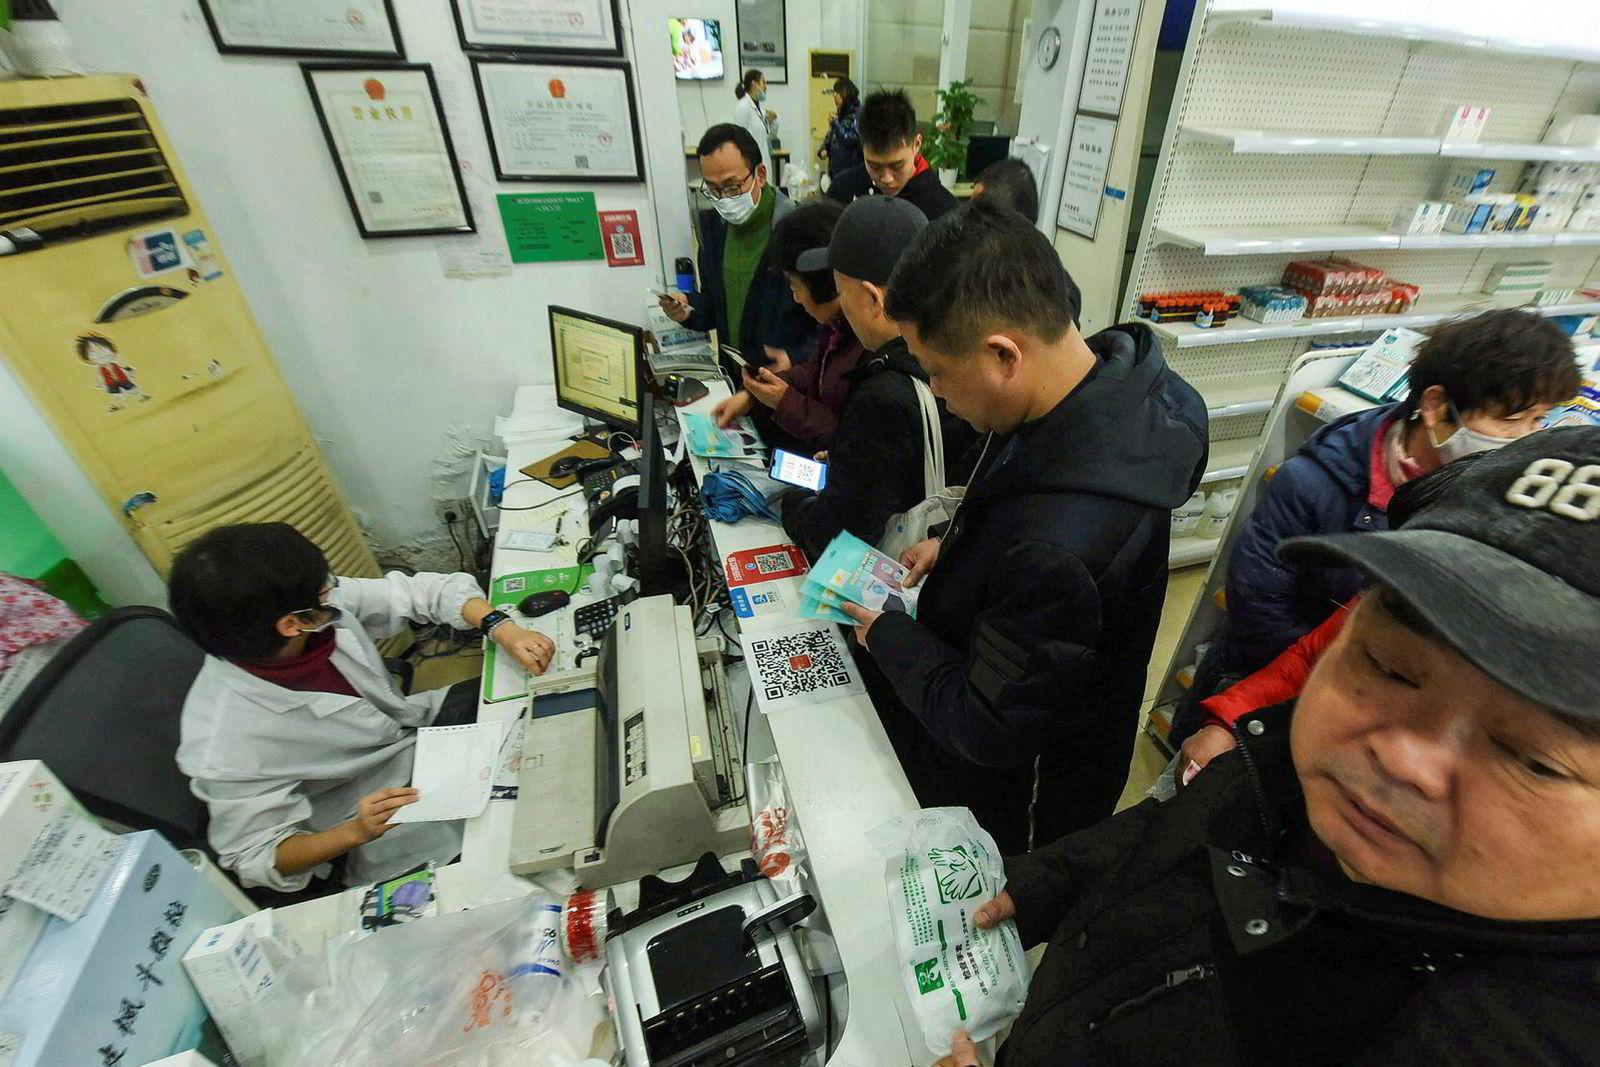 Det begynner å gå tomt for beskyttelsesmasker og medisiner ved apoteker i Wuhan. Millionbyen er blitt tvangsisolert i håp om å redusere spredning av coronaviruset. Det er meldt om nesten 600 smittede og 17 dødsfall.